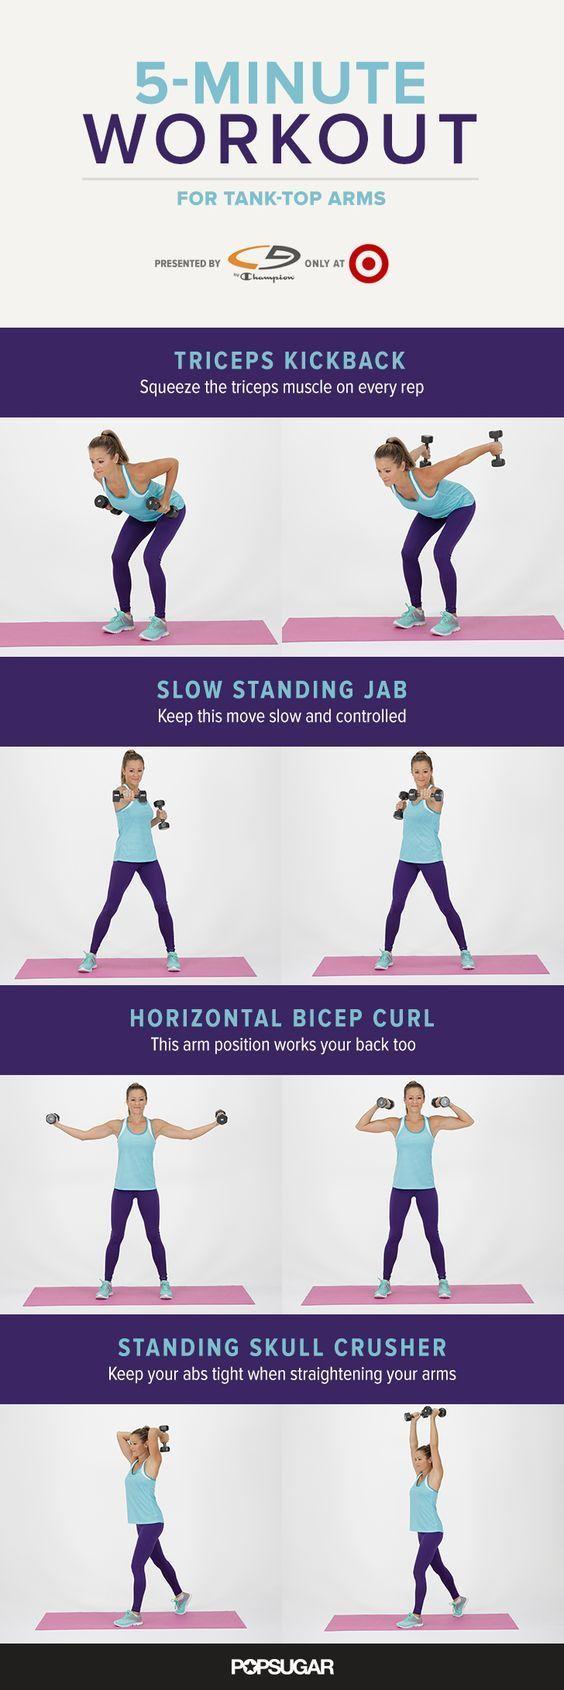 Best 20+ Kettlebell arm workout ideas on Pinterest | Kettle bell ...